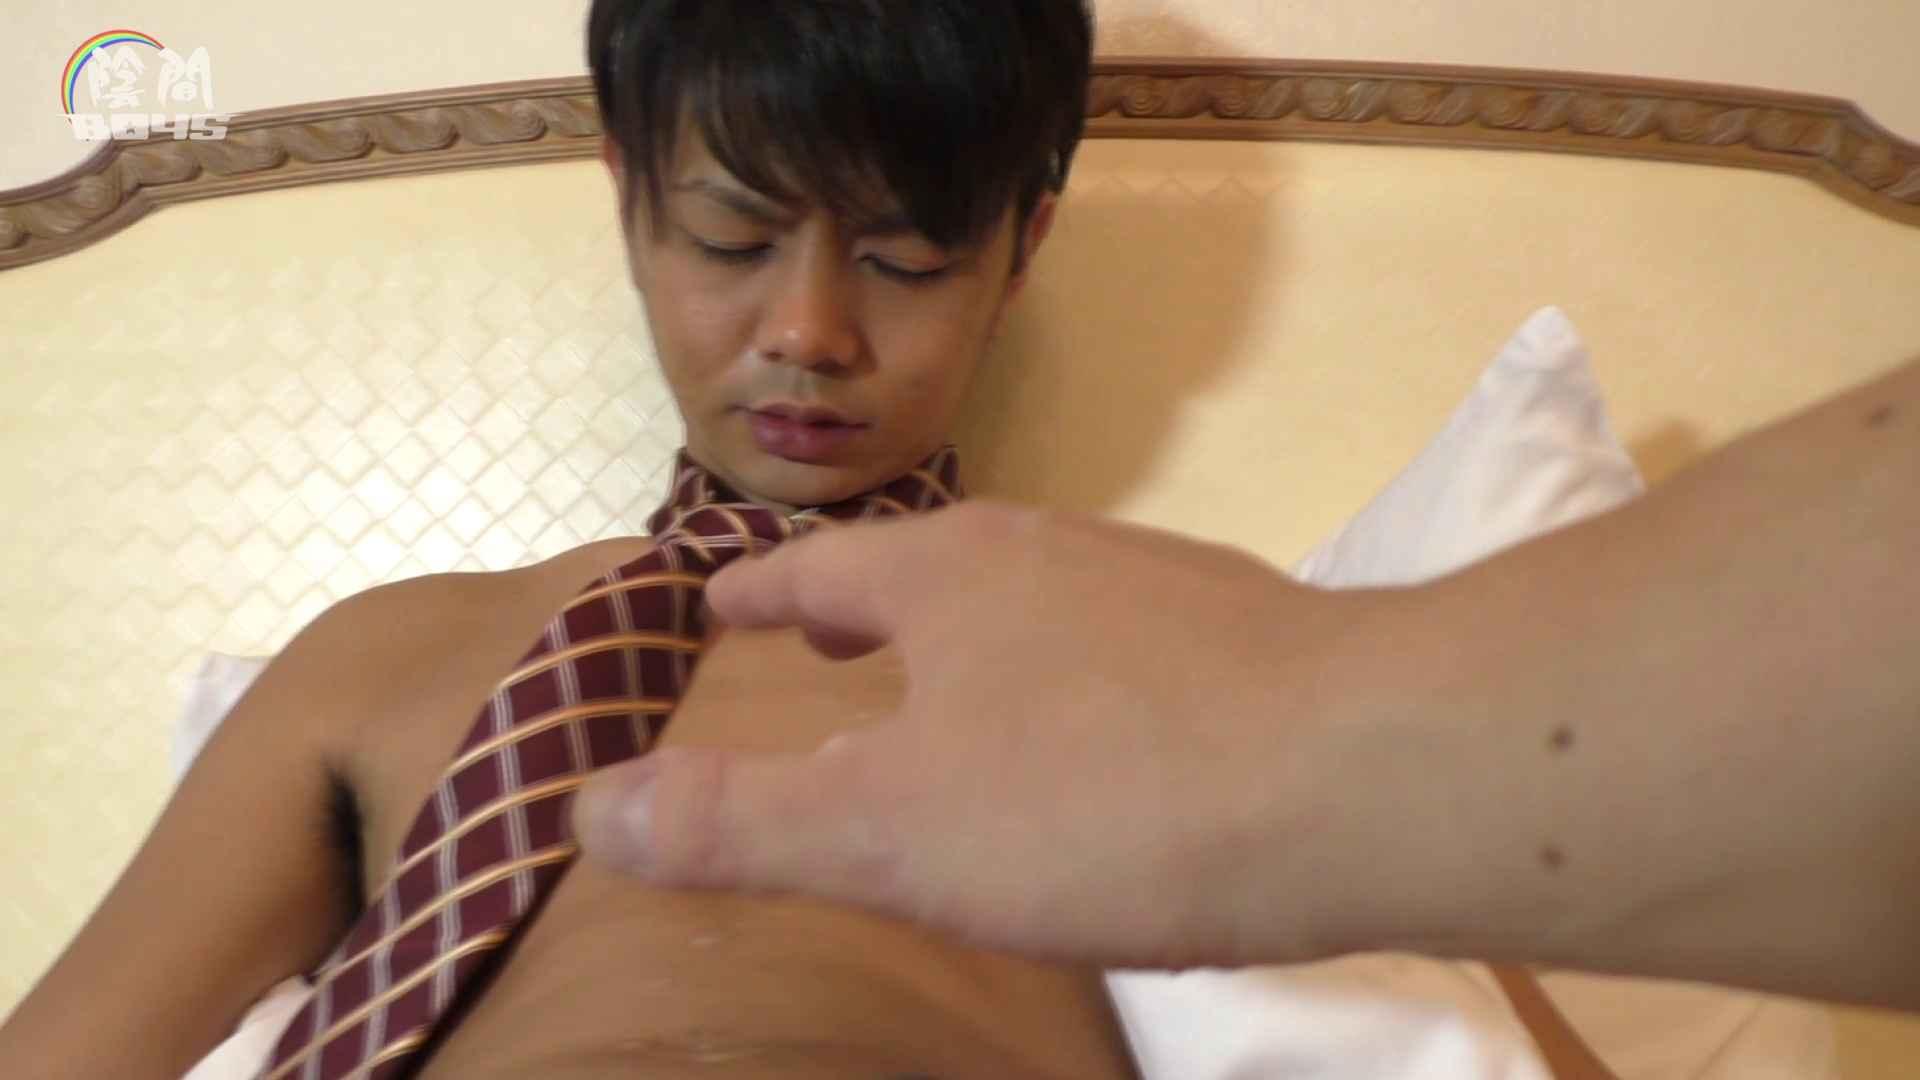 陰間BOYS~キャバクラの仕事はアナルから4 Vol.02 発射天国 ゲイ無修正ビデオ画像 100pic 27